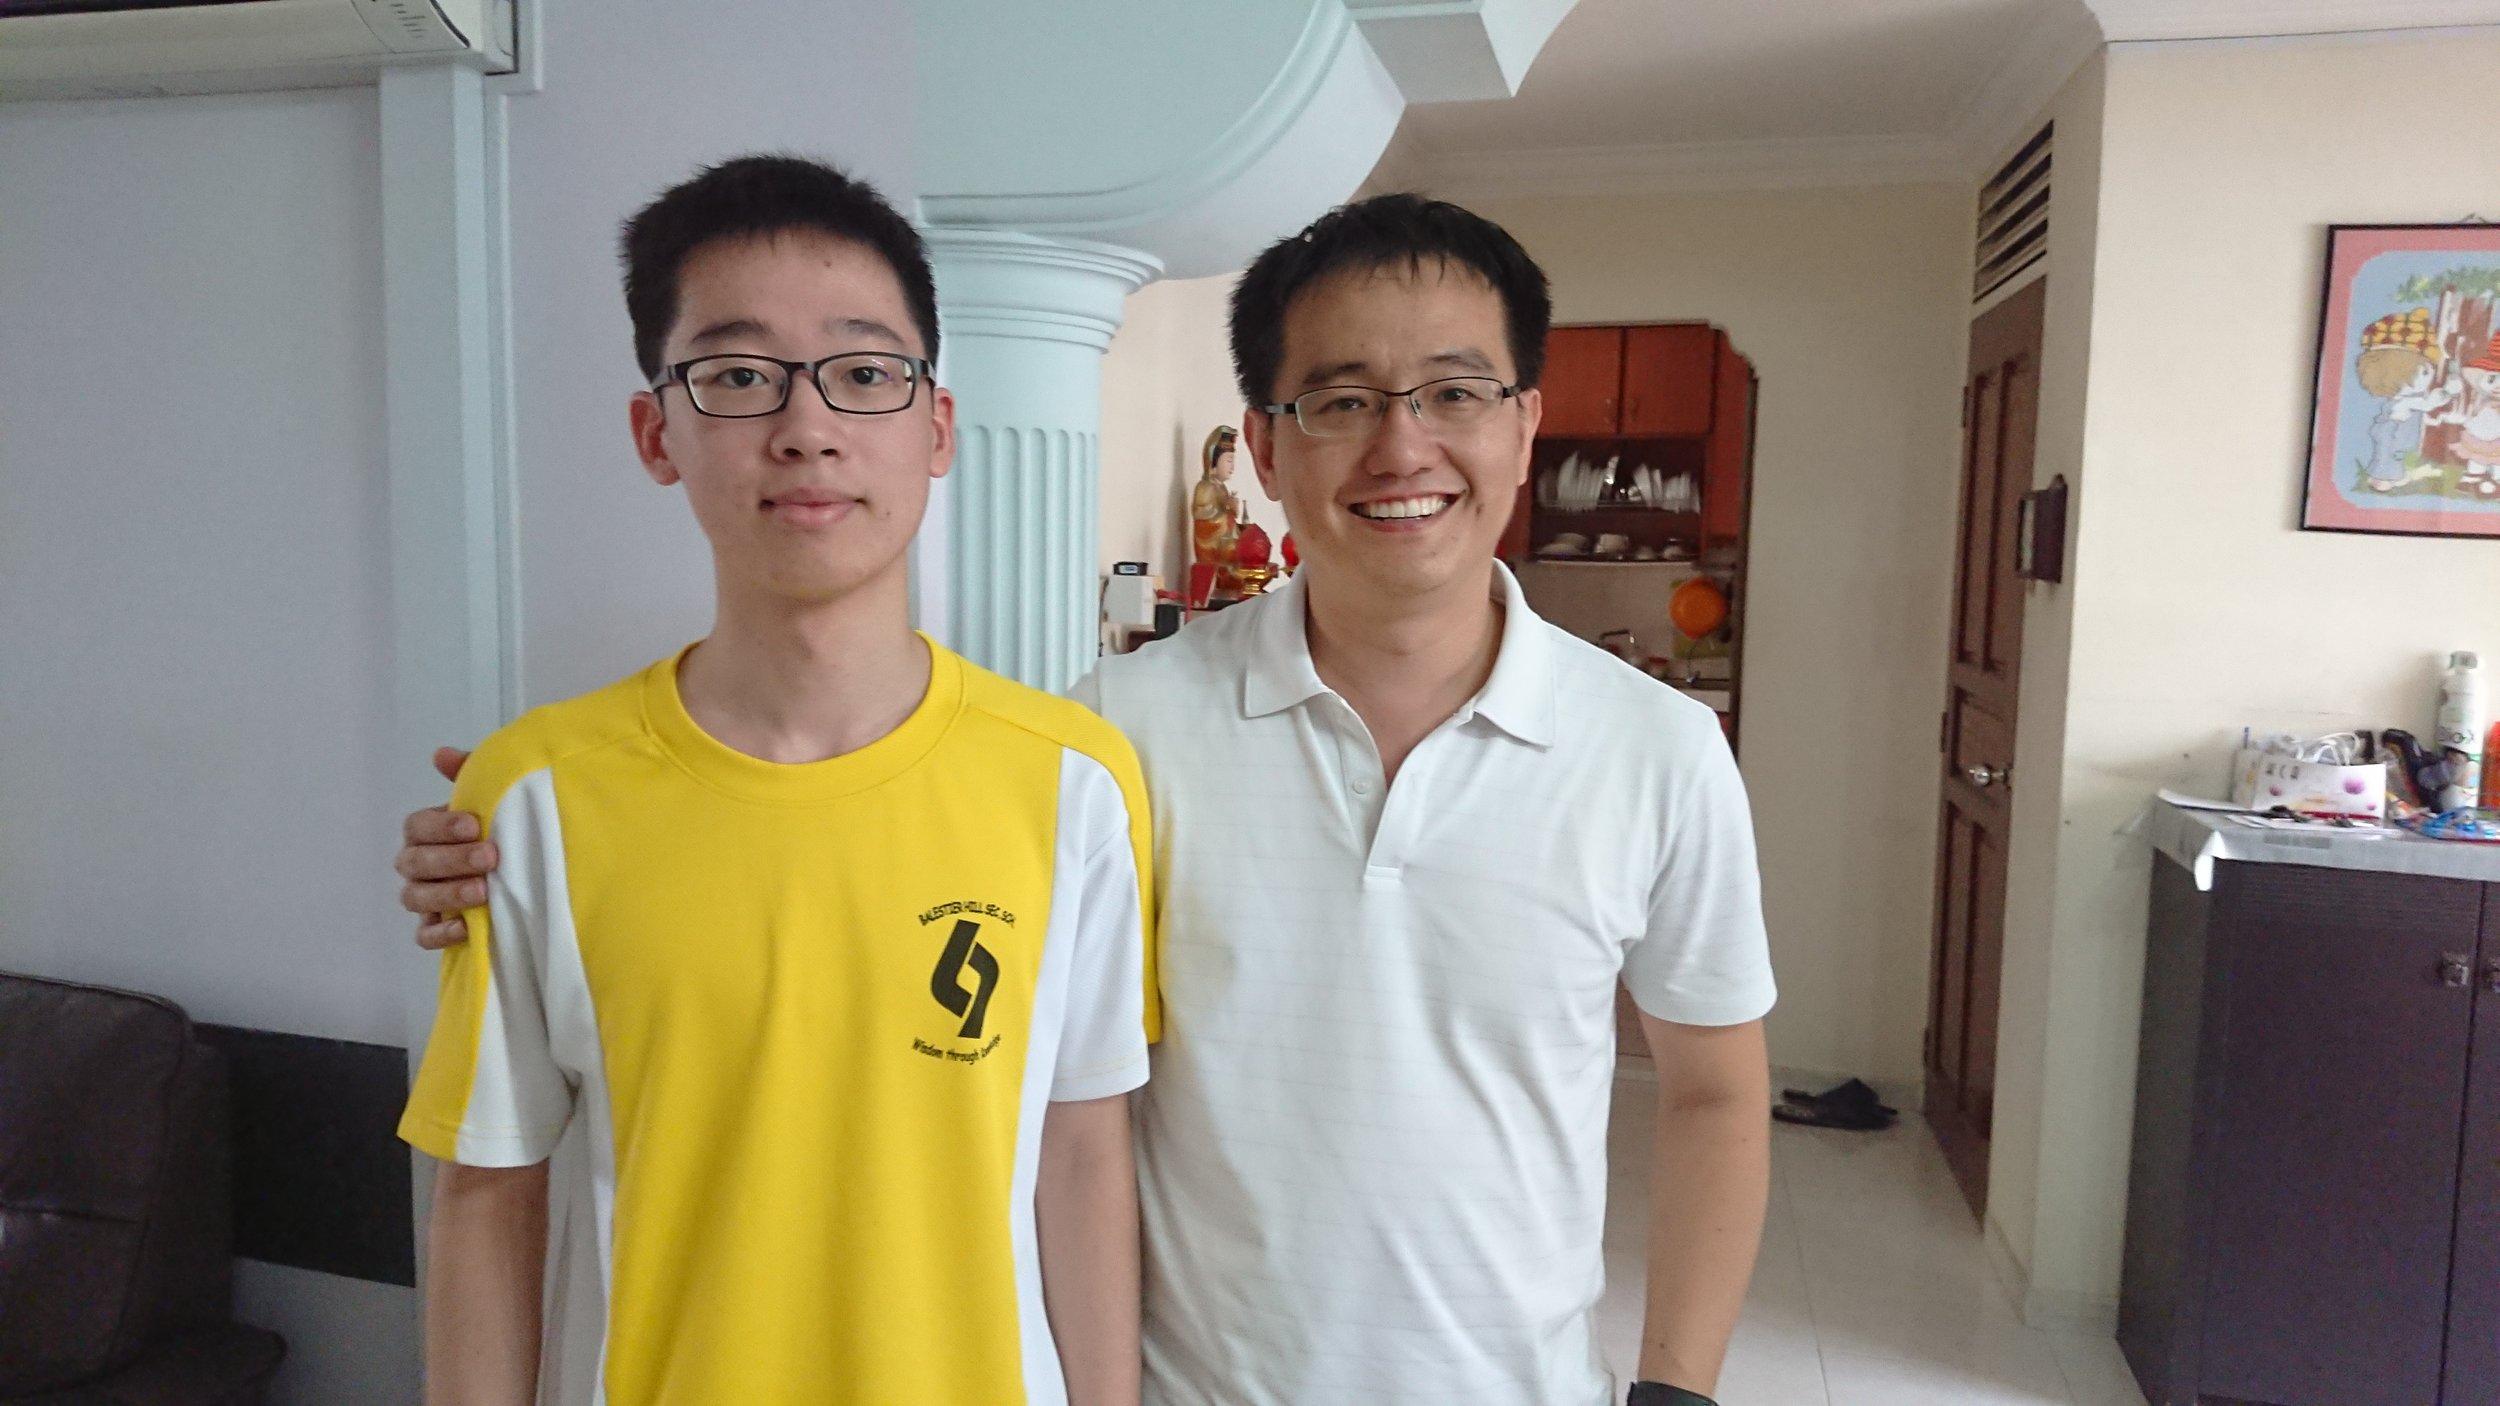 Tze Han, GCE O Levels